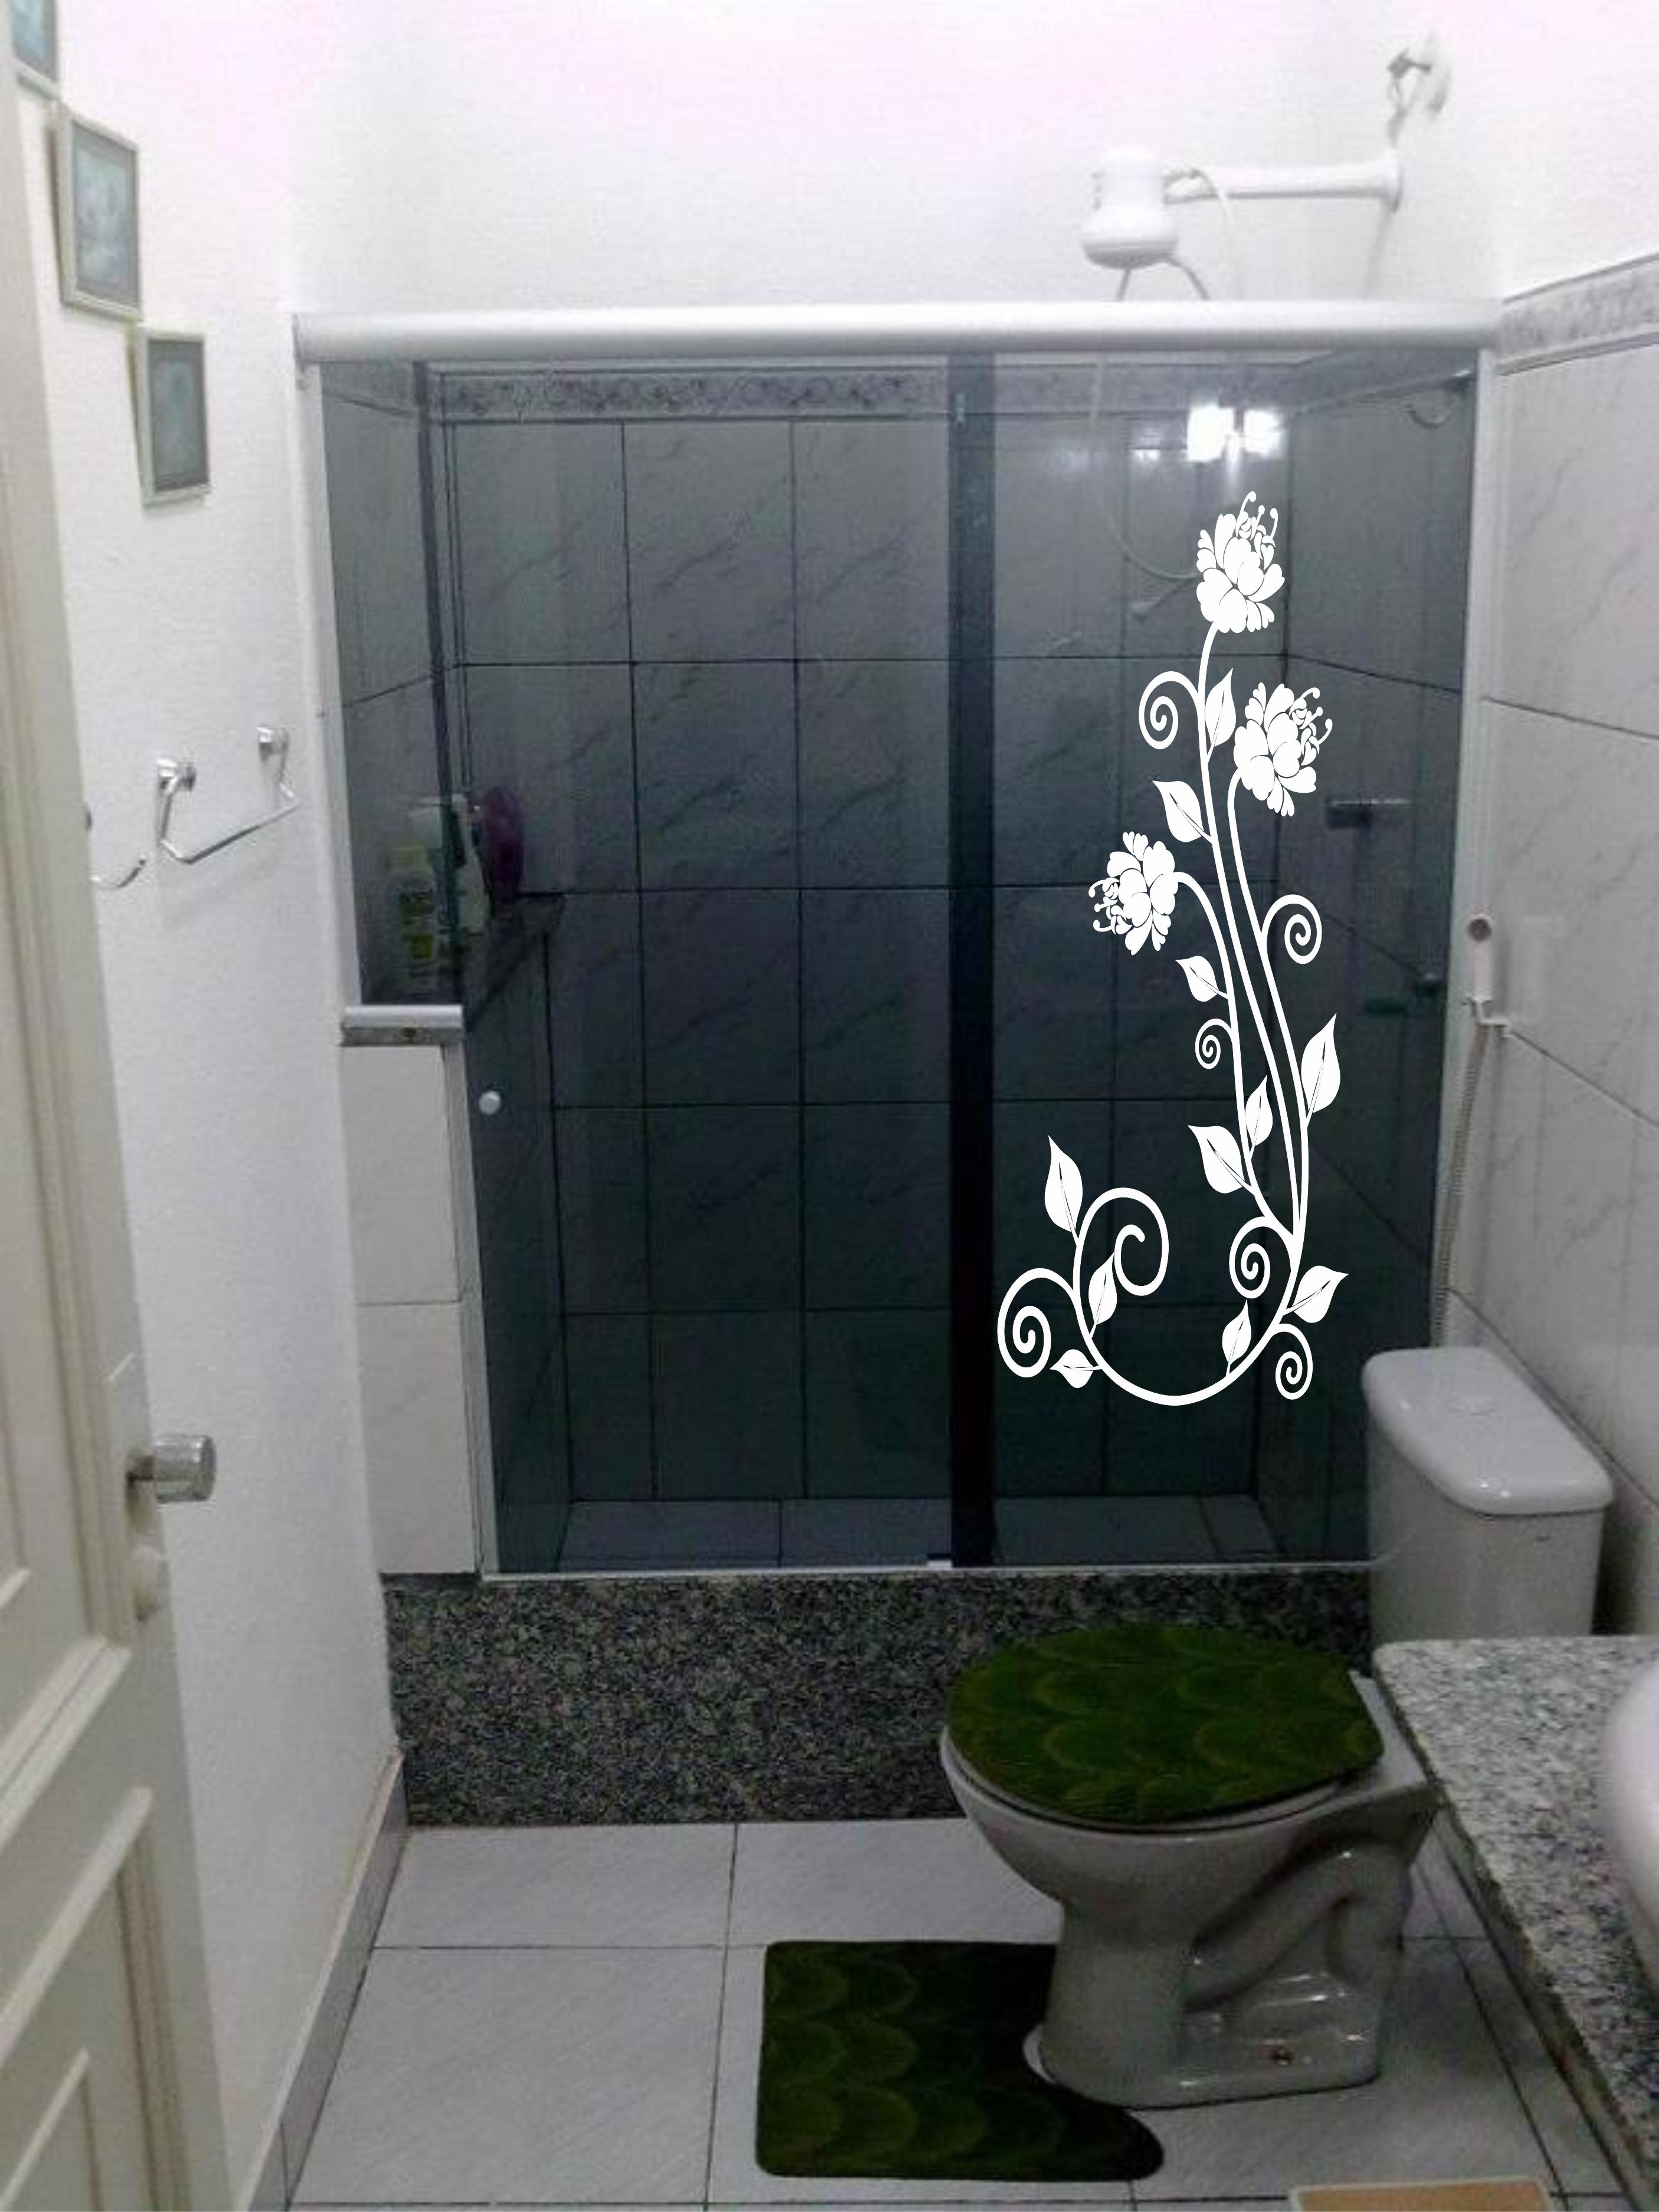 Adesivo Box Blindex banheiro Adesivos Sempre Viva Elo7 #665C4C 2812 3750